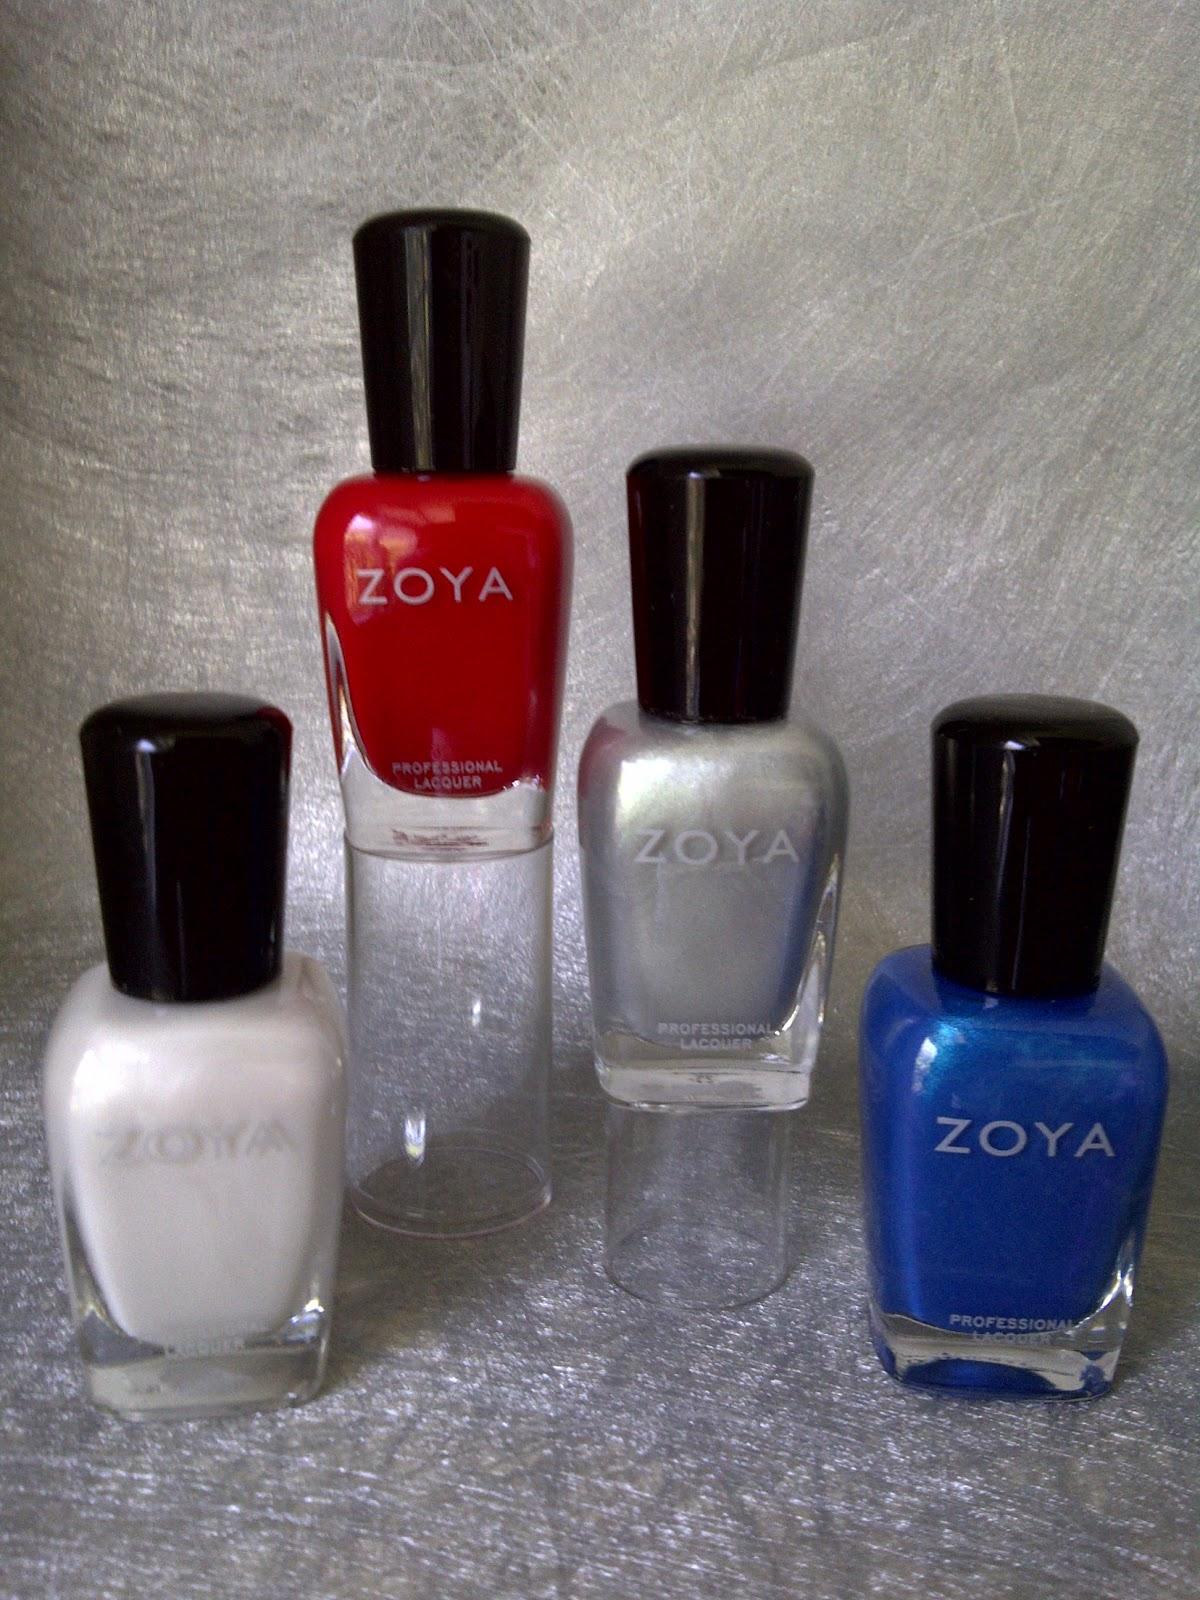 http://3.bp.blogspot.com/-wesJBq2peIo/Te7rEgHP85I/AAAAAAAAASY/an-uXAgimzA/s1600/Kim+K+Zoya.jpg